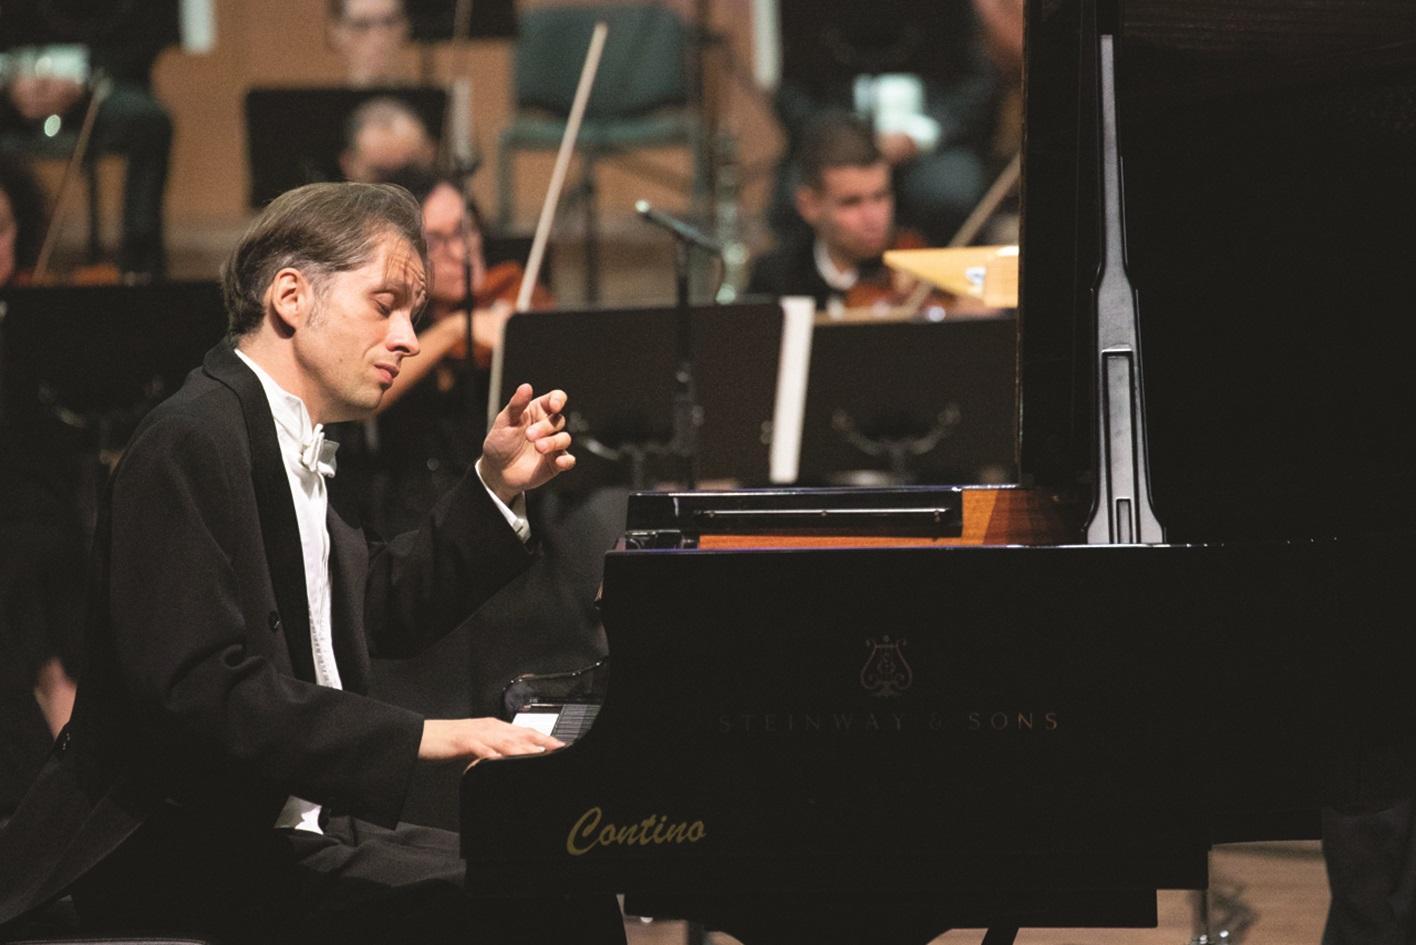 World-class pianist Severin von Eckardstein joined the orchestra. Photo: Evgeny Evtyukhov